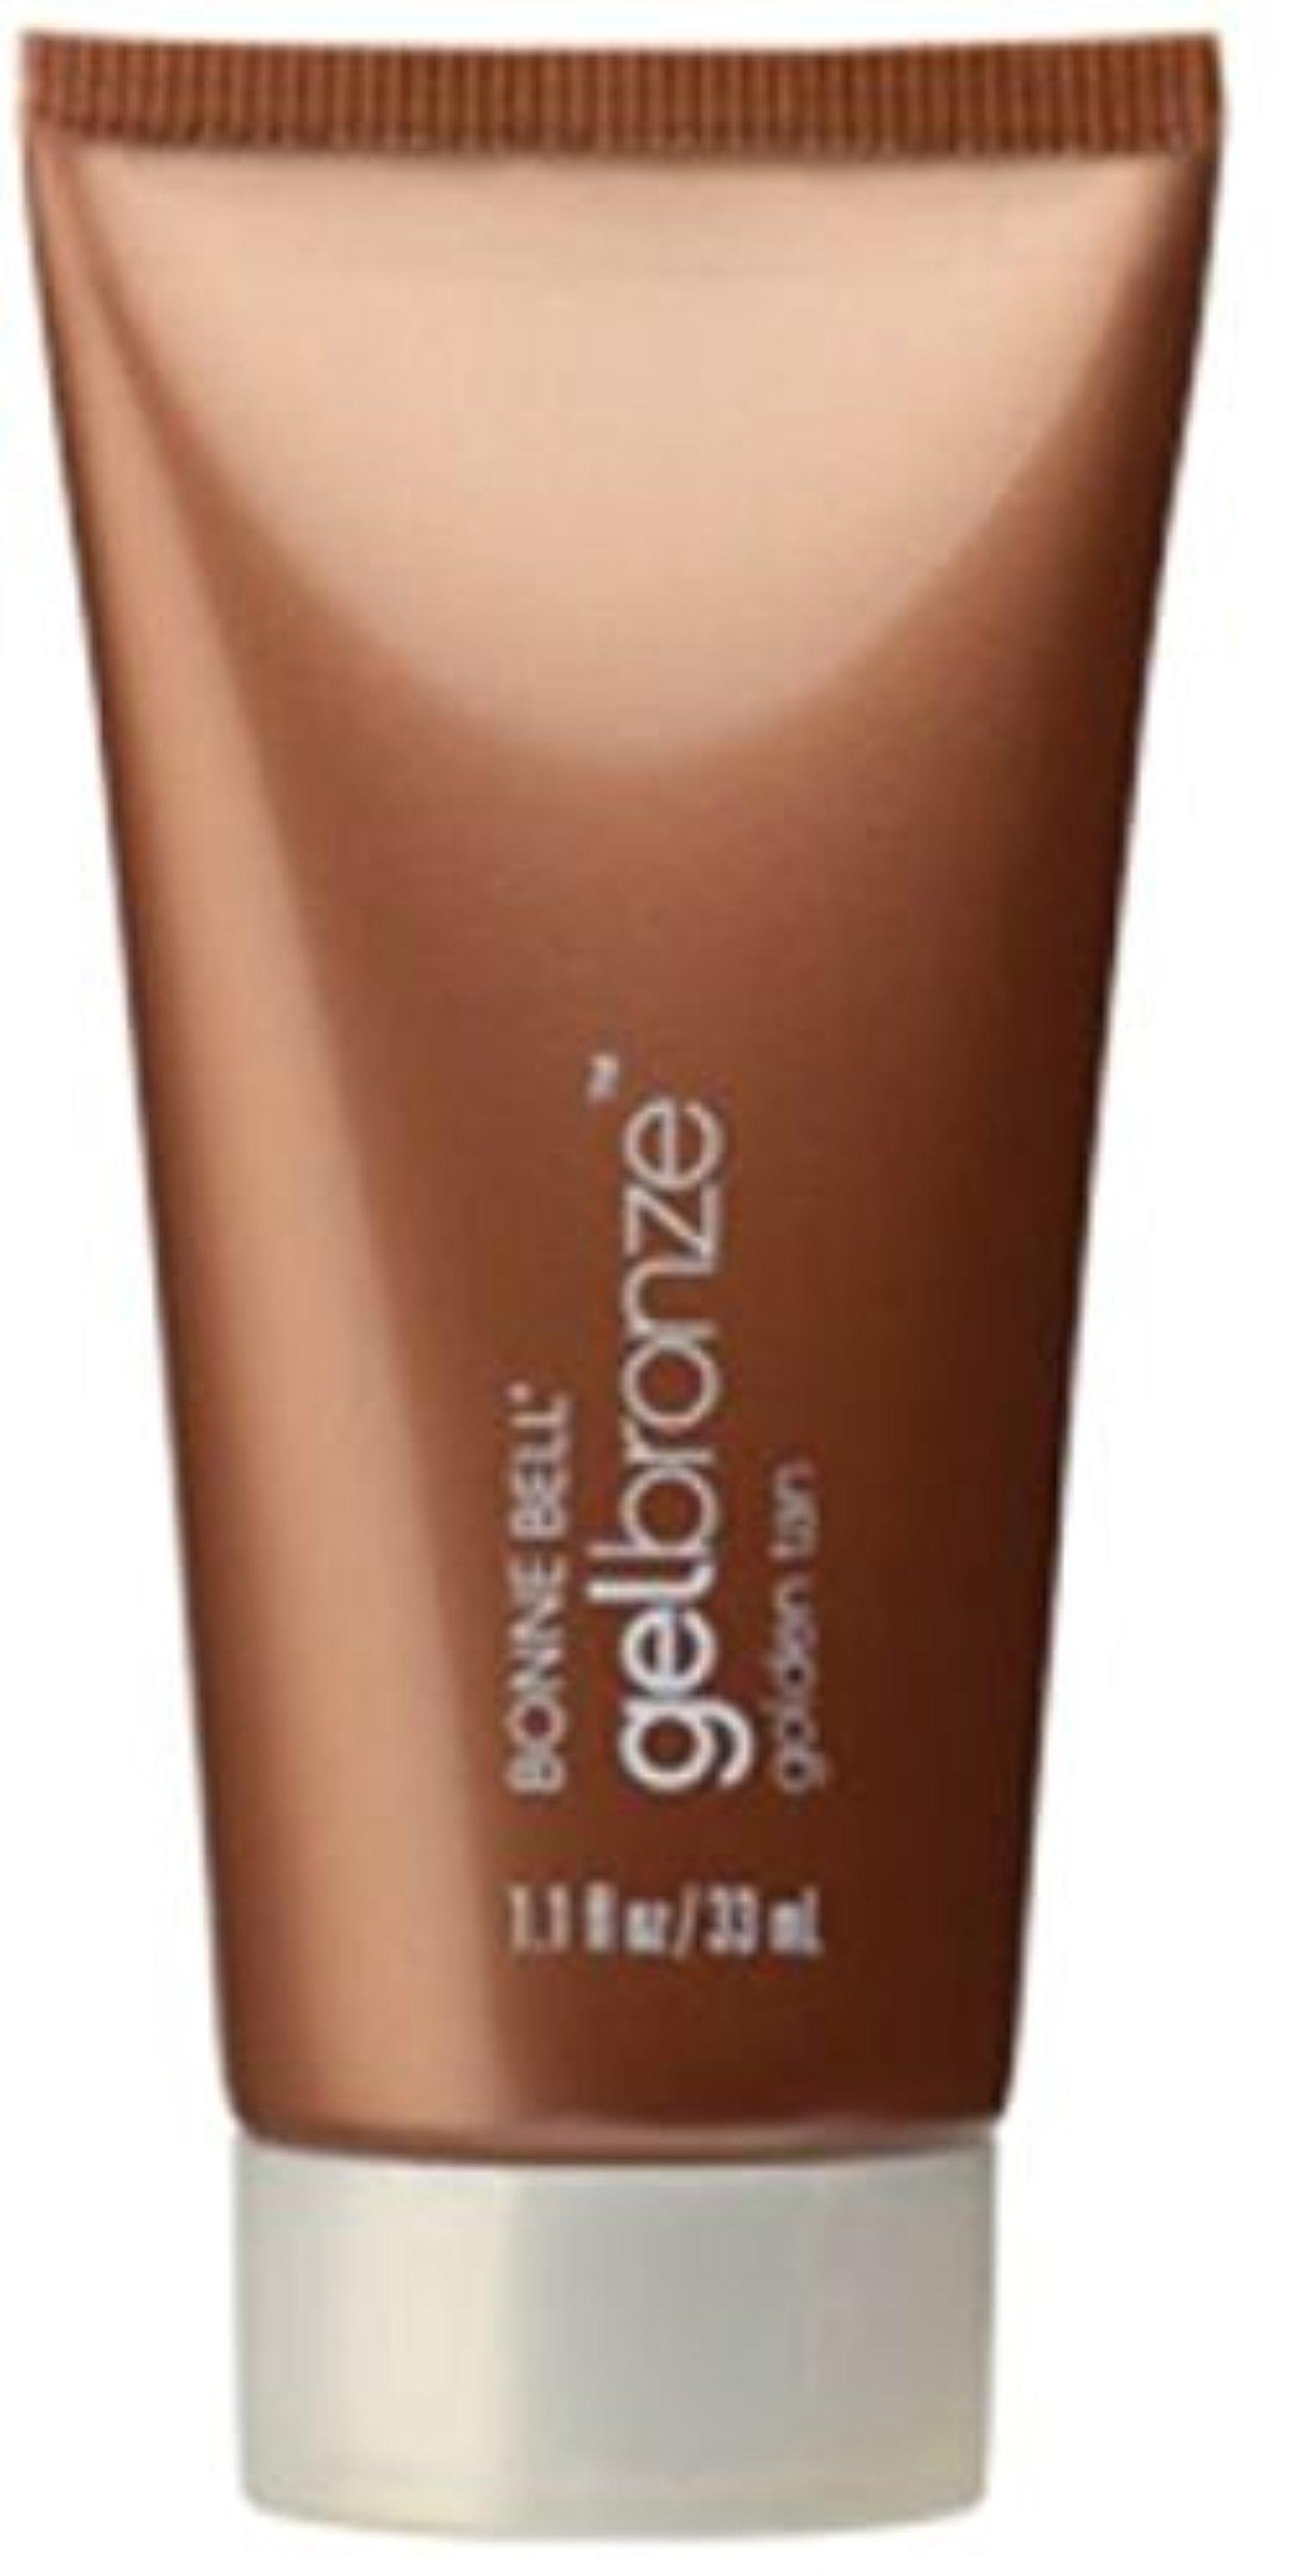 Bonne bell face and body gel bronze, golden tan - 1.1 Oz by Bonne Bell